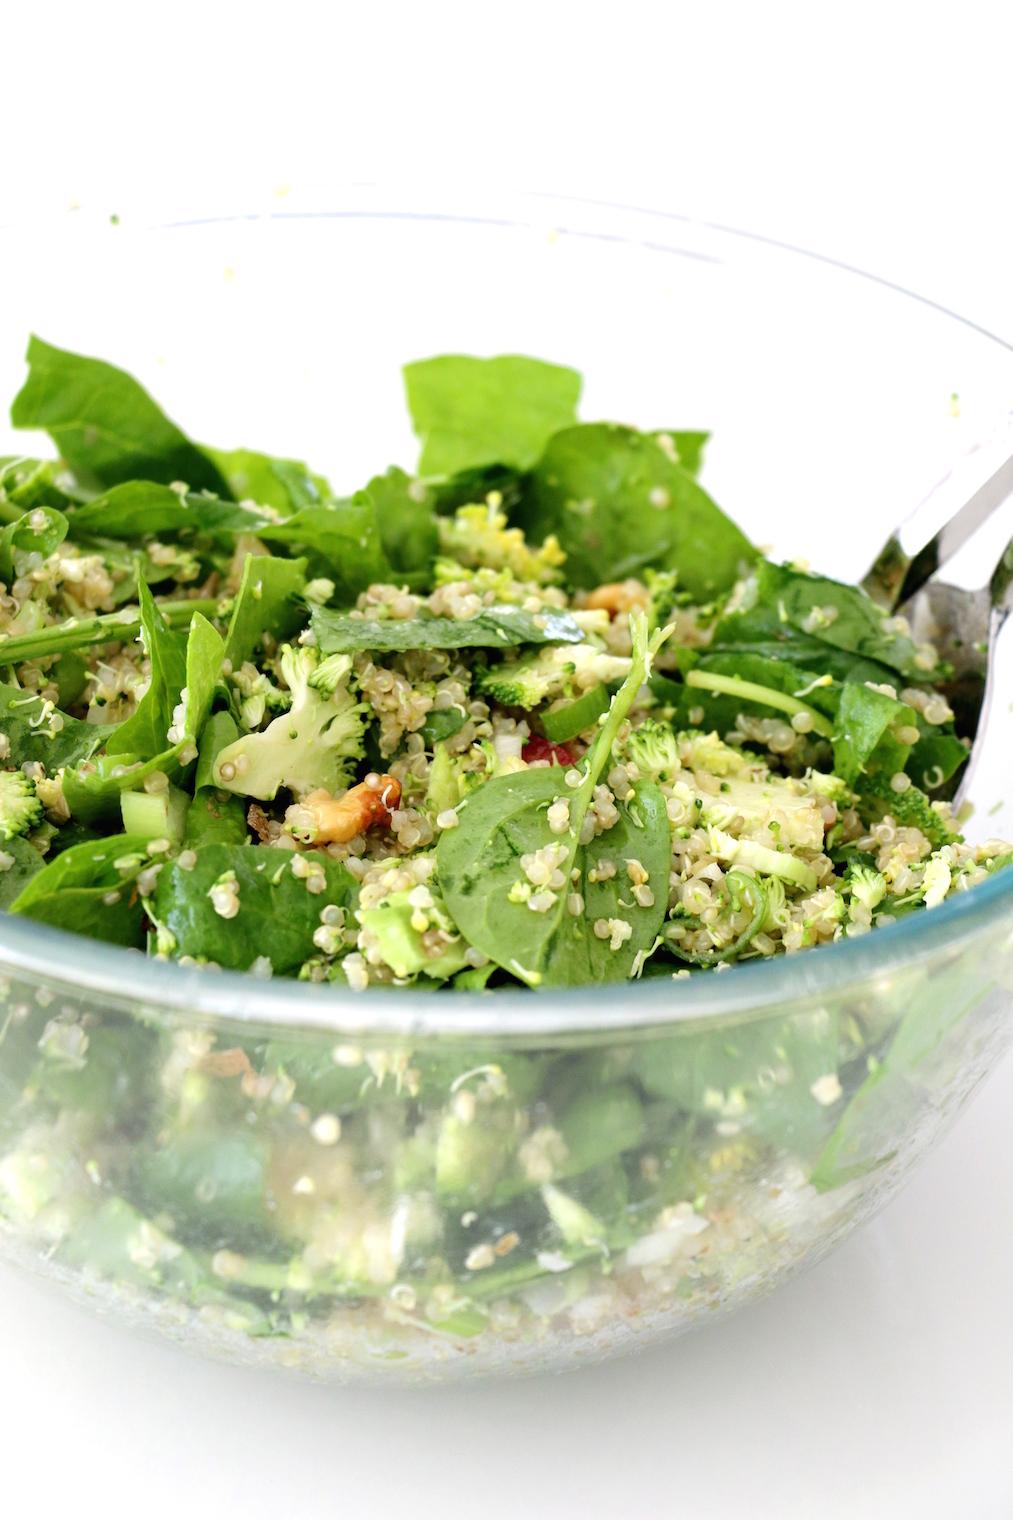 salade de quinoa aux épinards et brocoli râpé